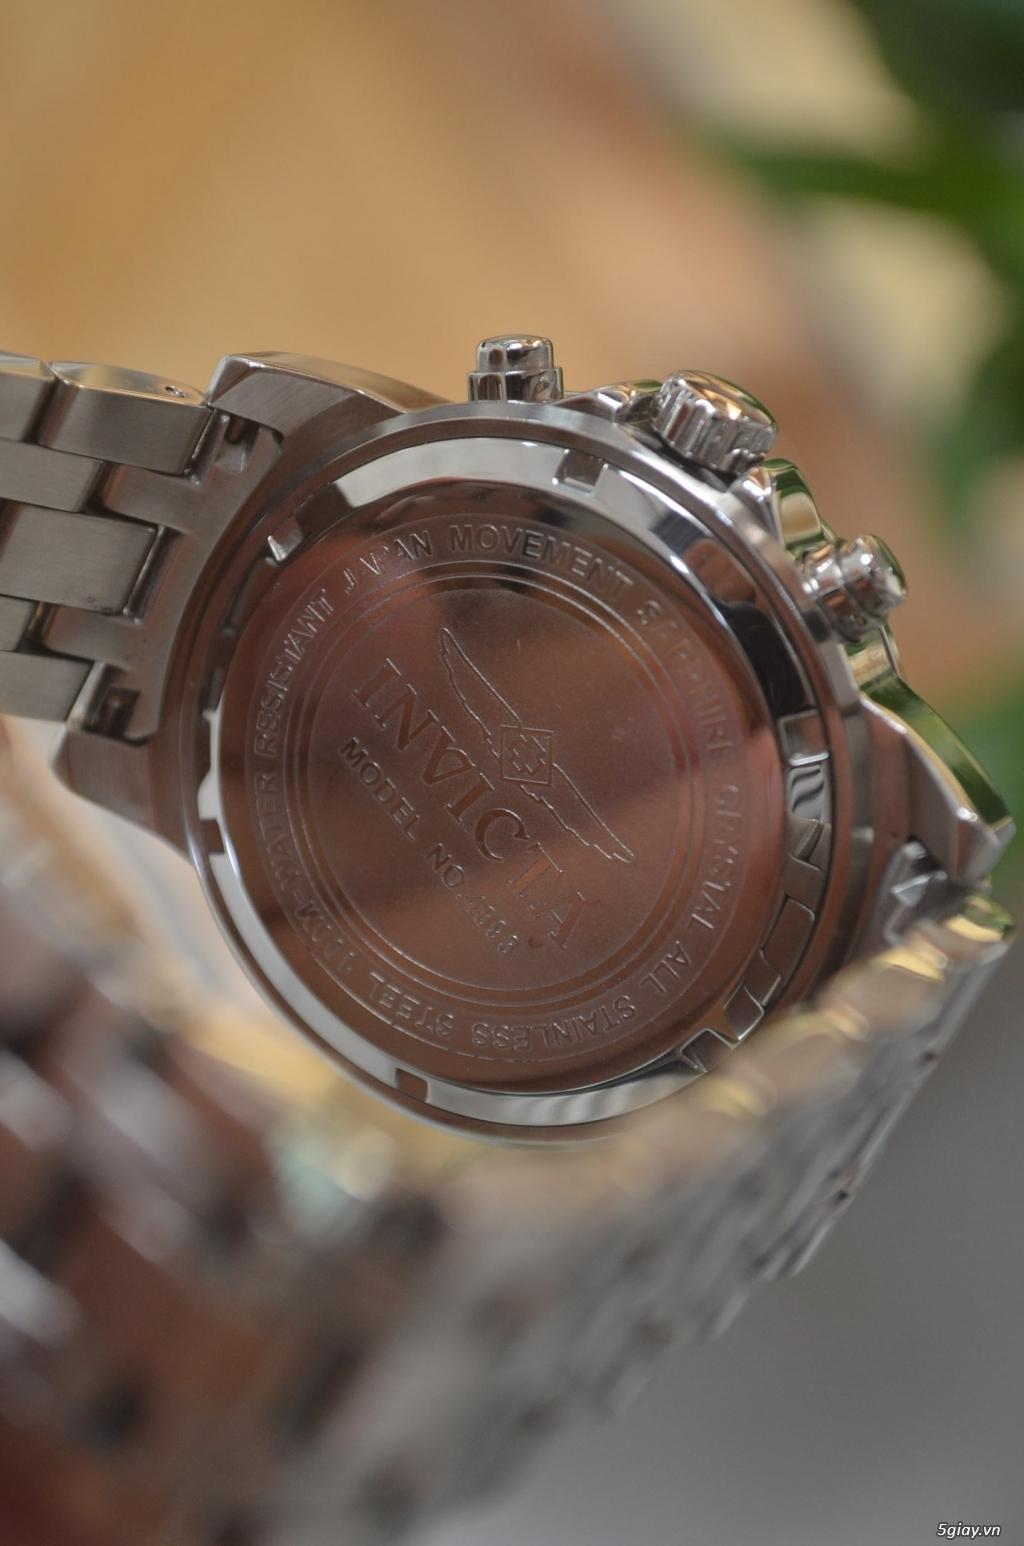 Thanh lý đồng hồ INVICTA chính hãng Mỹ cho người tay lớn - 10